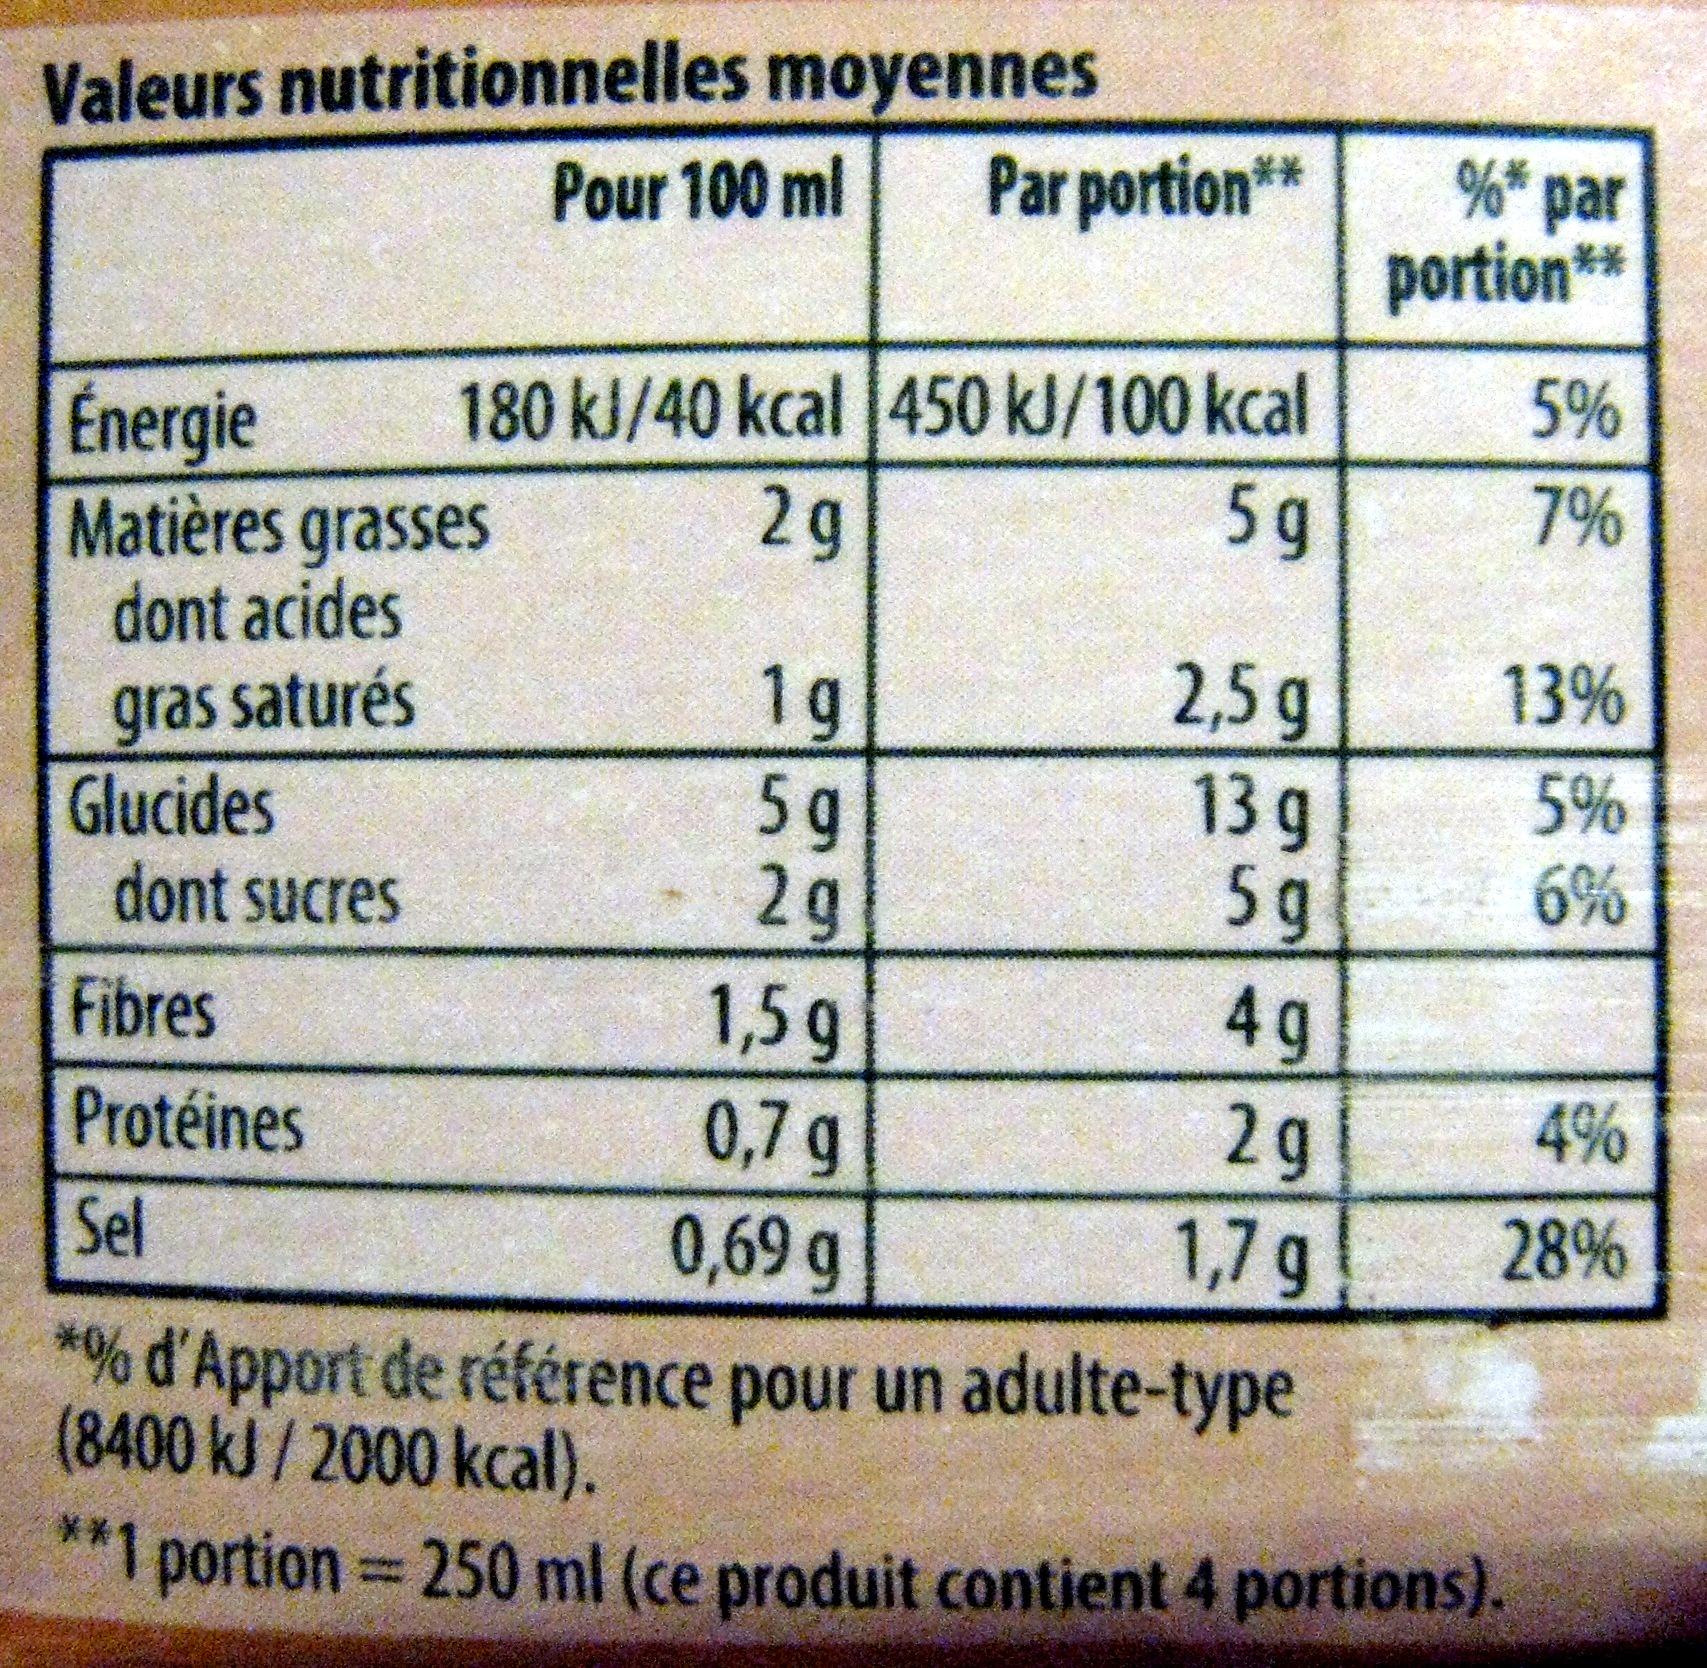 Knorr Les Classiques Soupe Liquide Douceur d'Automne à la Crème Fraîche Brique Lot 2x1L - Nutrition facts - fr